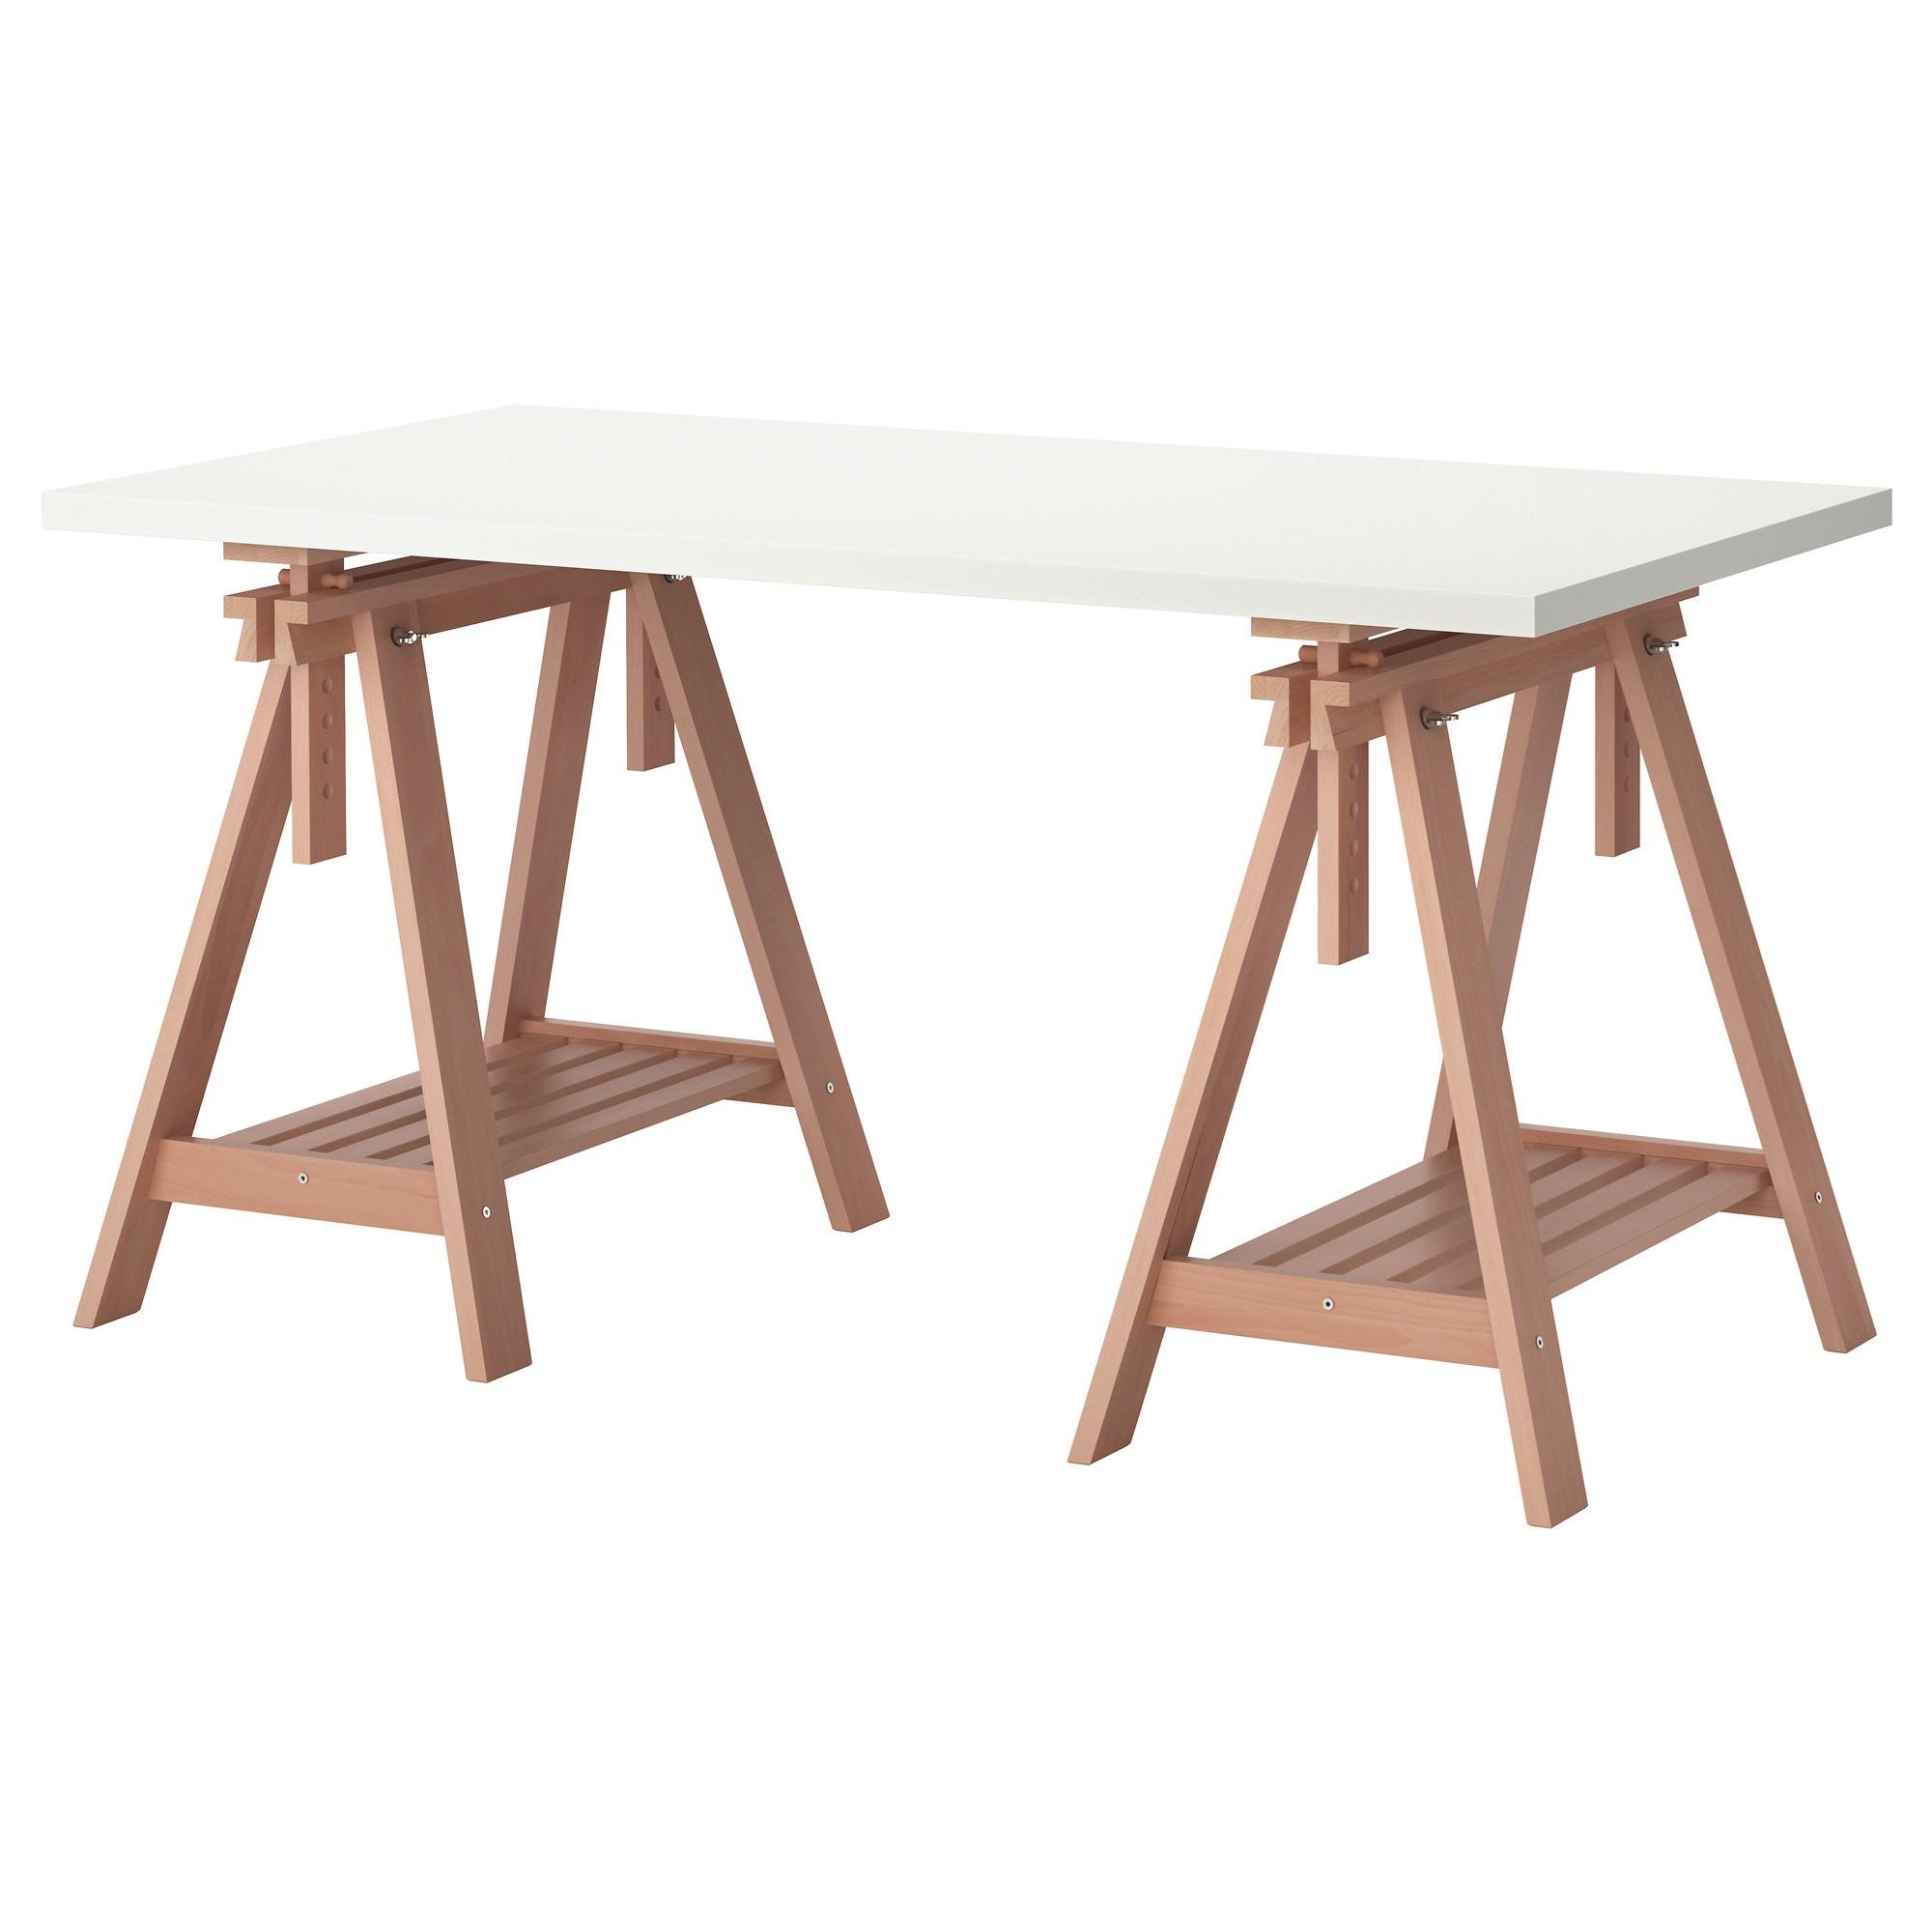 Home office ideal çalışma masası modelleri